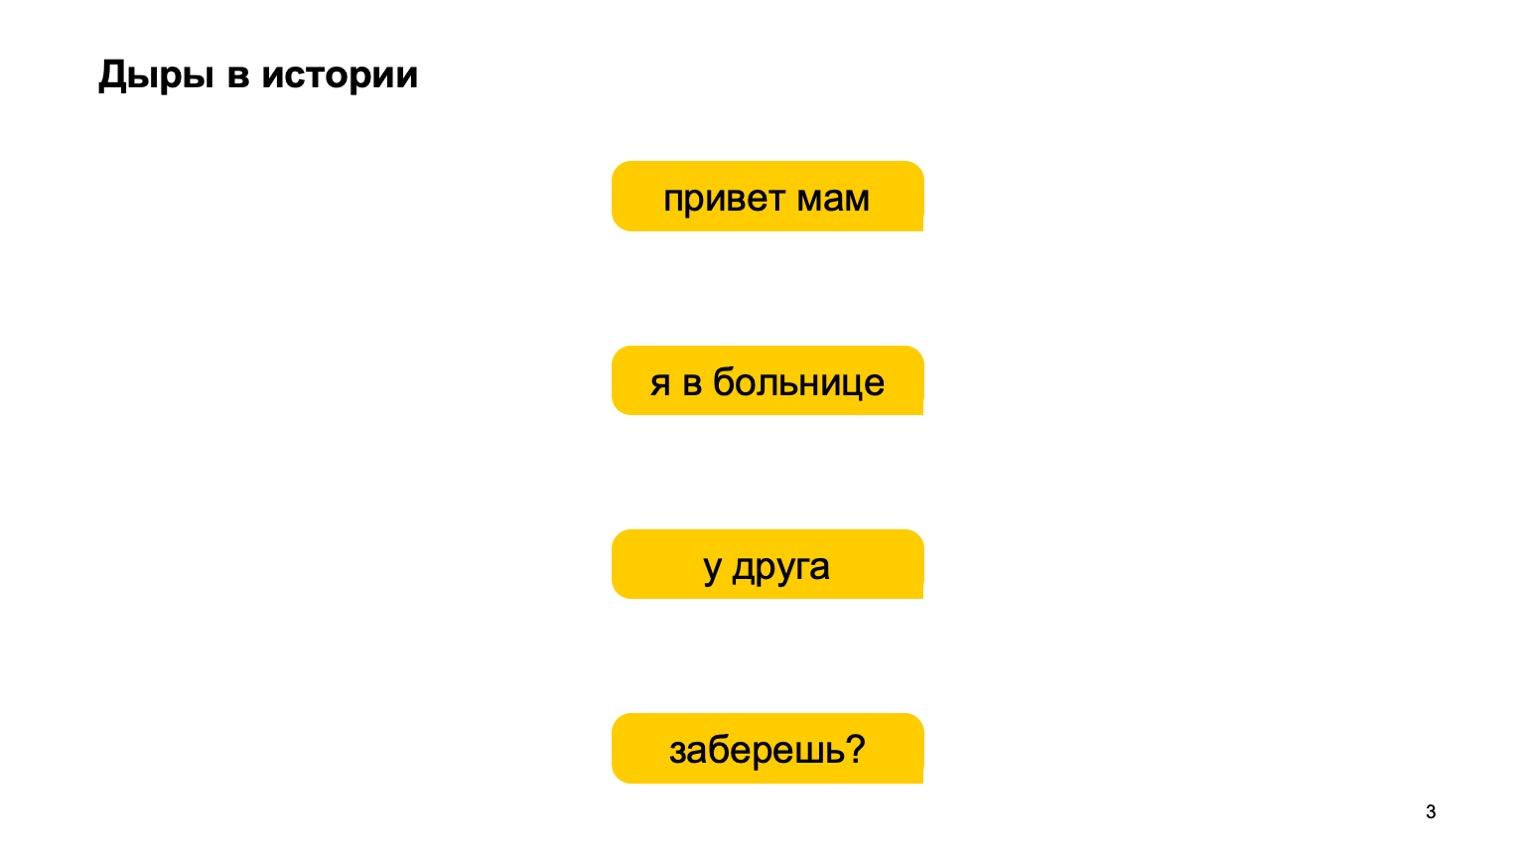 Мобильная разработка — это просто и скучно? Доклад Яндекса - 3